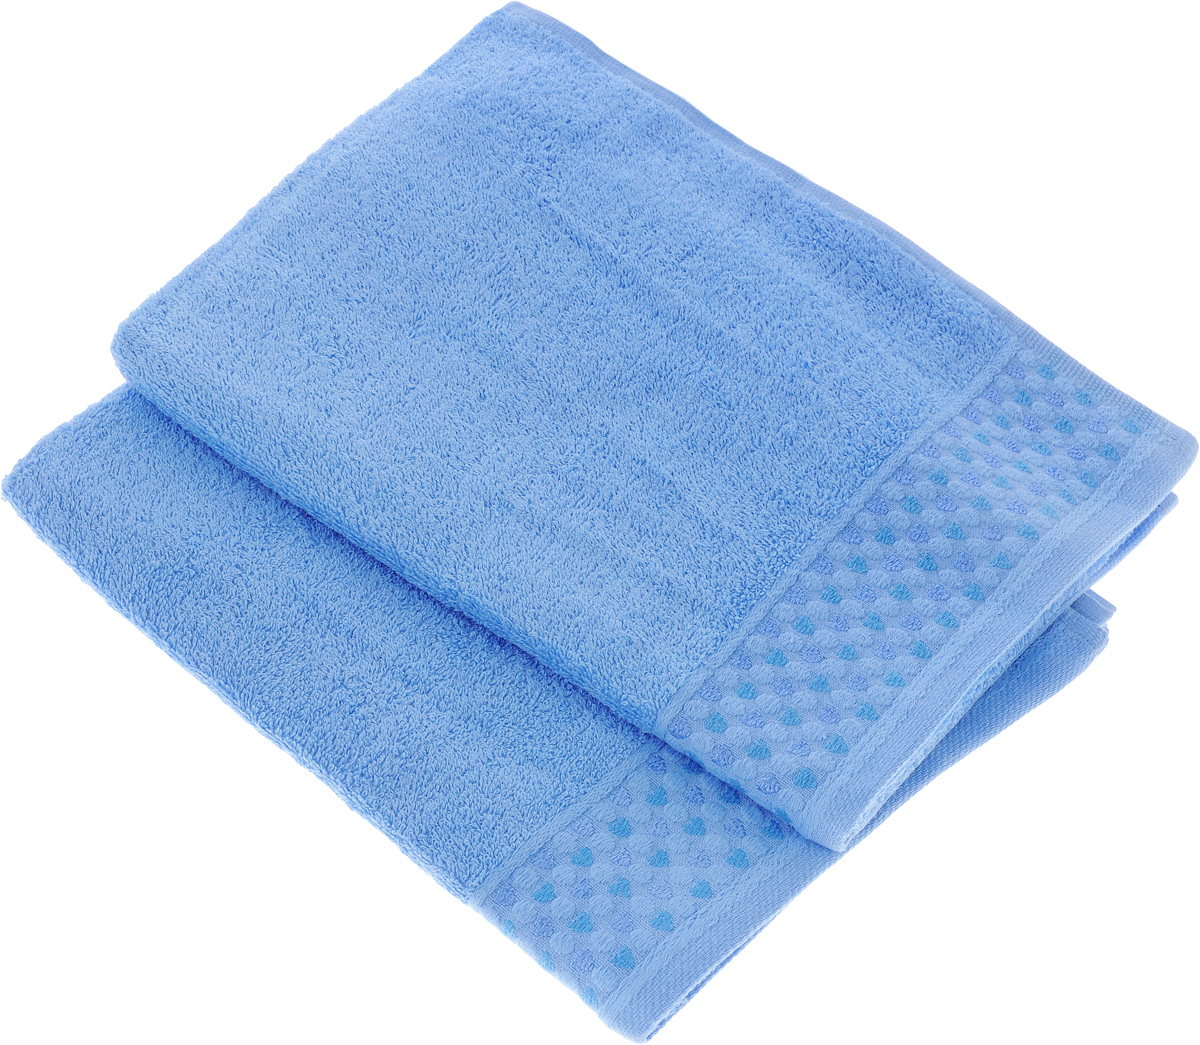 Набор полотенец Tete-a-Tete Сердечки, цвет: голубой, 50 х 90 см, 2 шт531-105Набор Tete-a-Tete Сердечки состоит из двух махровых полотенец, выполненных из натурального 100% хлопка. Бордюр полотенец декорирован сердечками и горошком. Изделия мягкие, отлично впитывают влагу, быстро сохнут, сохраняют яркость цвета и не теряют форму даже после многократных стирок. Полотенца Tete-a-Tete Сердечки очень практичны и неприхотливы в уходе. Они легко впишутся в любой интерьер благодаря своей нежной цветовой гамме.